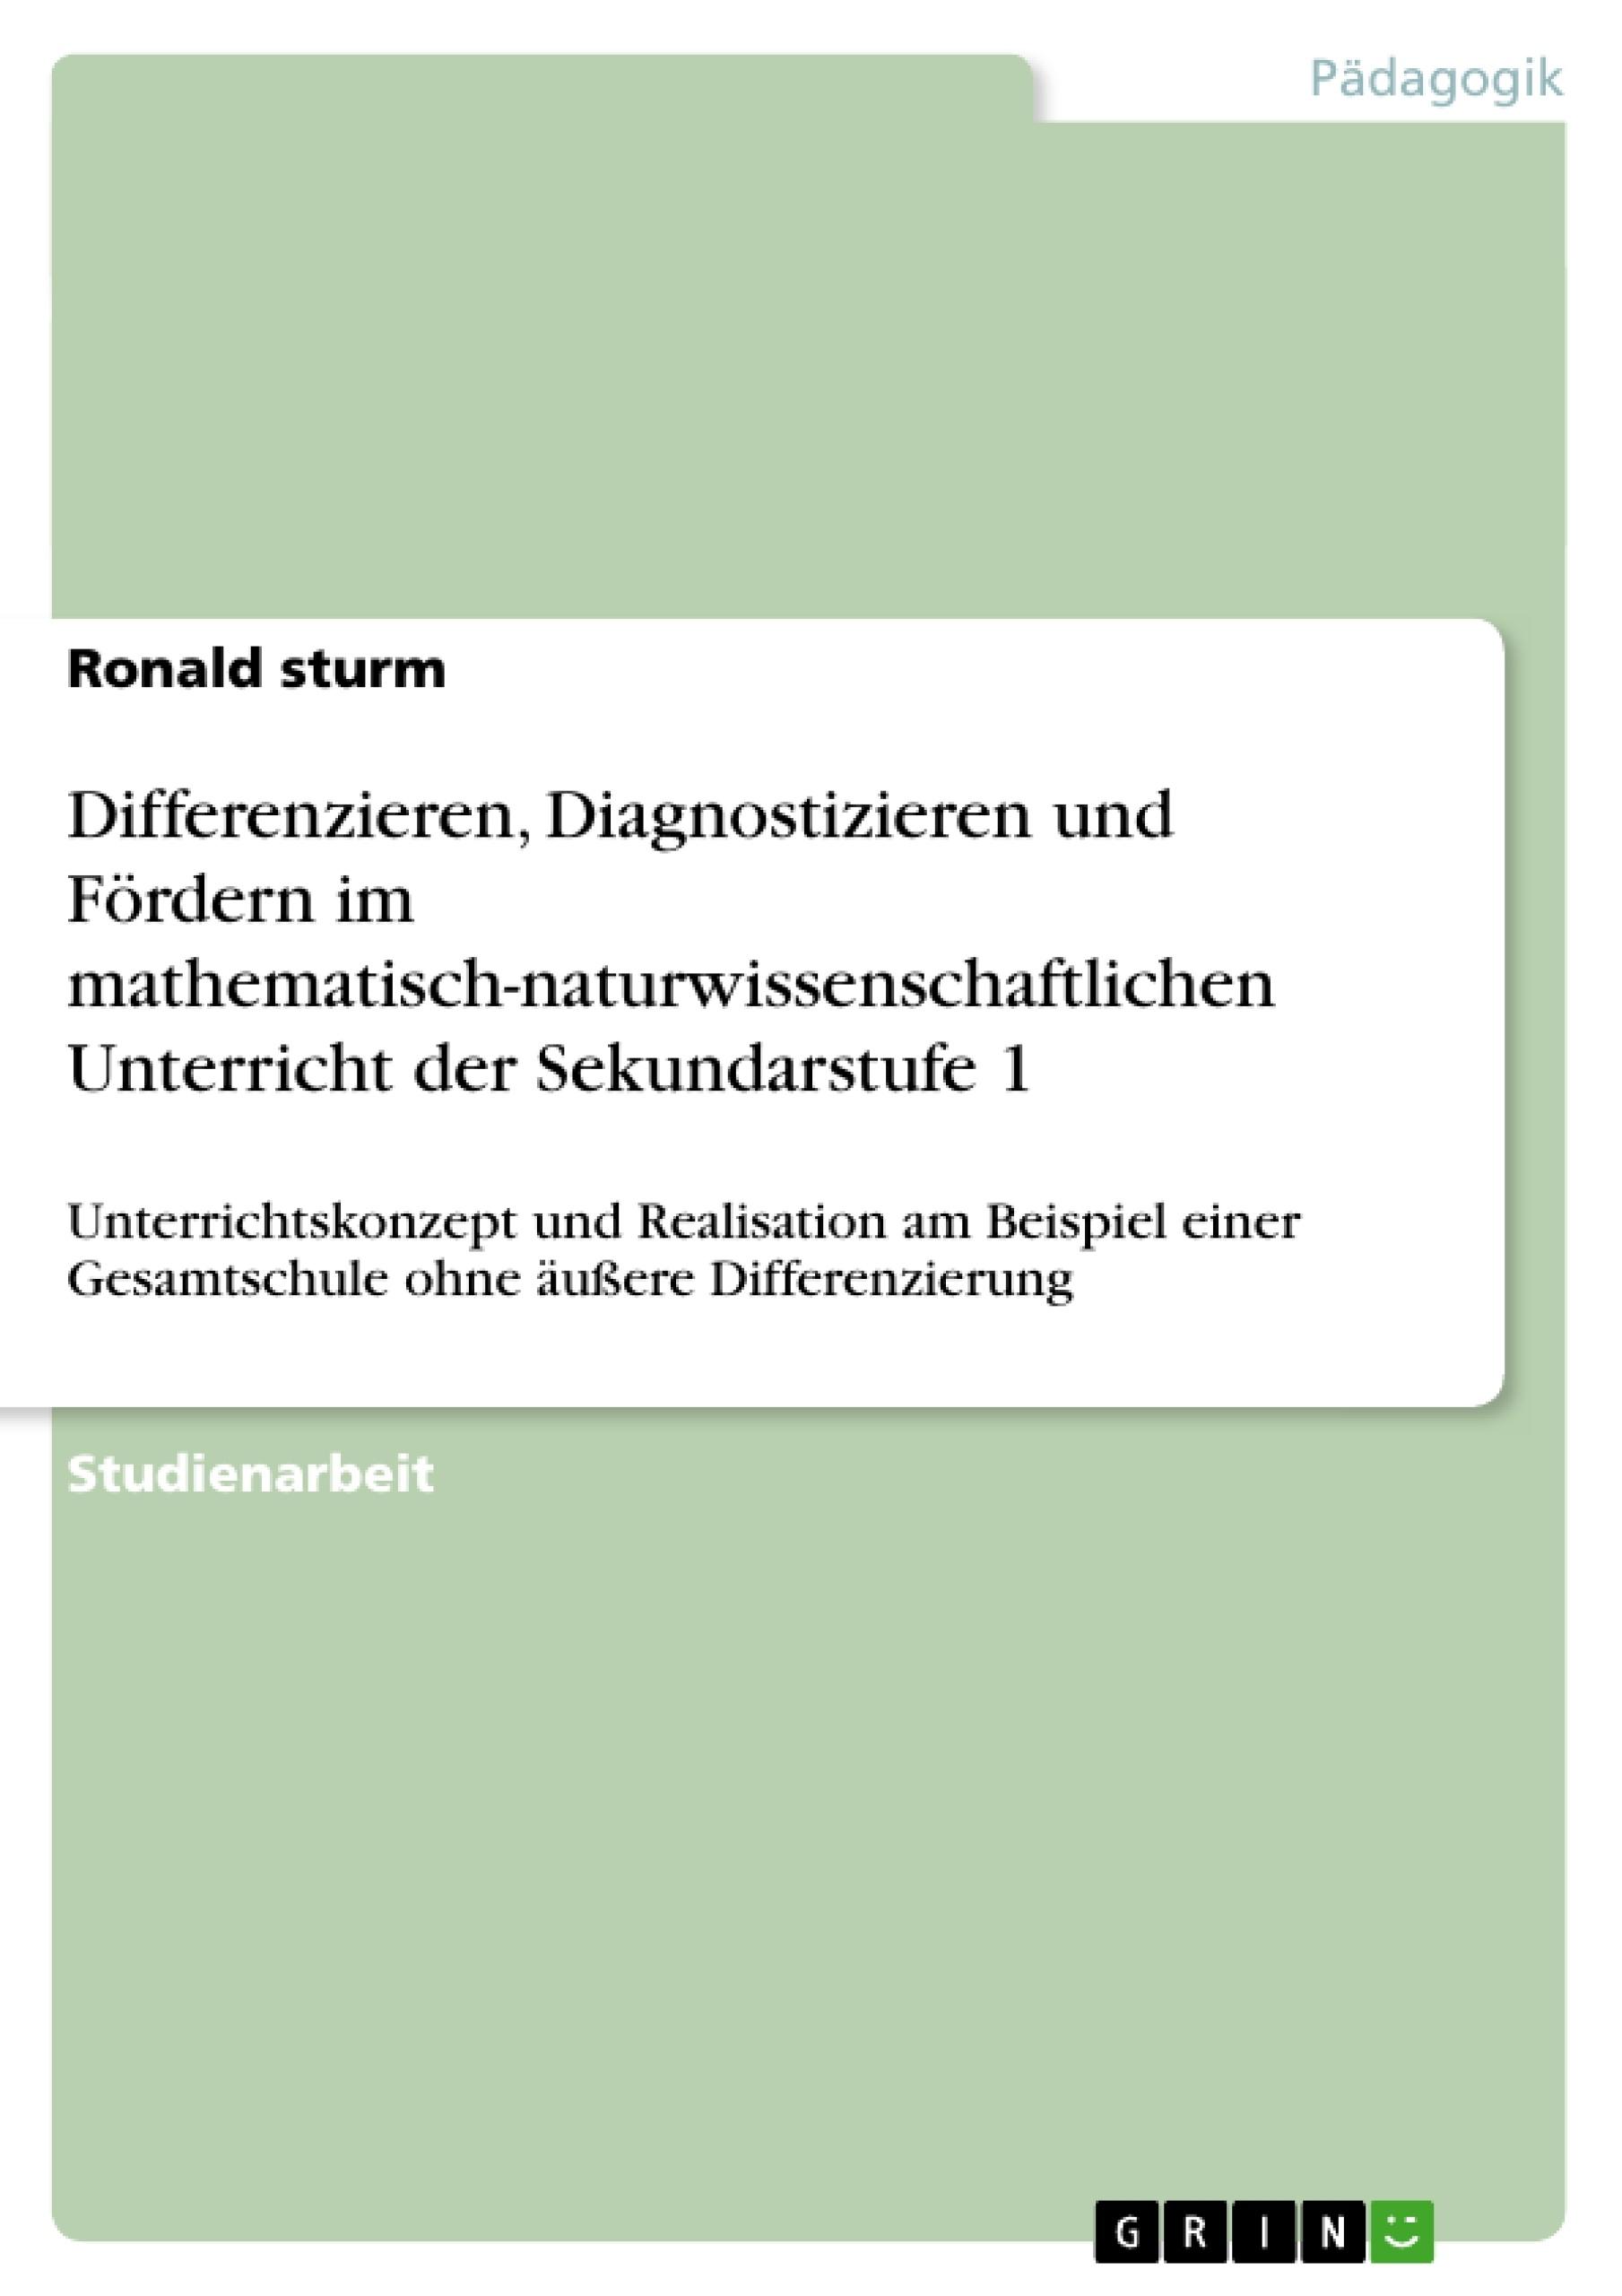 Titel: Differenzieren, Diagnostizieren und Fördern im mathematisch-naturwissenschaftlichen Unterricht der Sekundarstufe 1